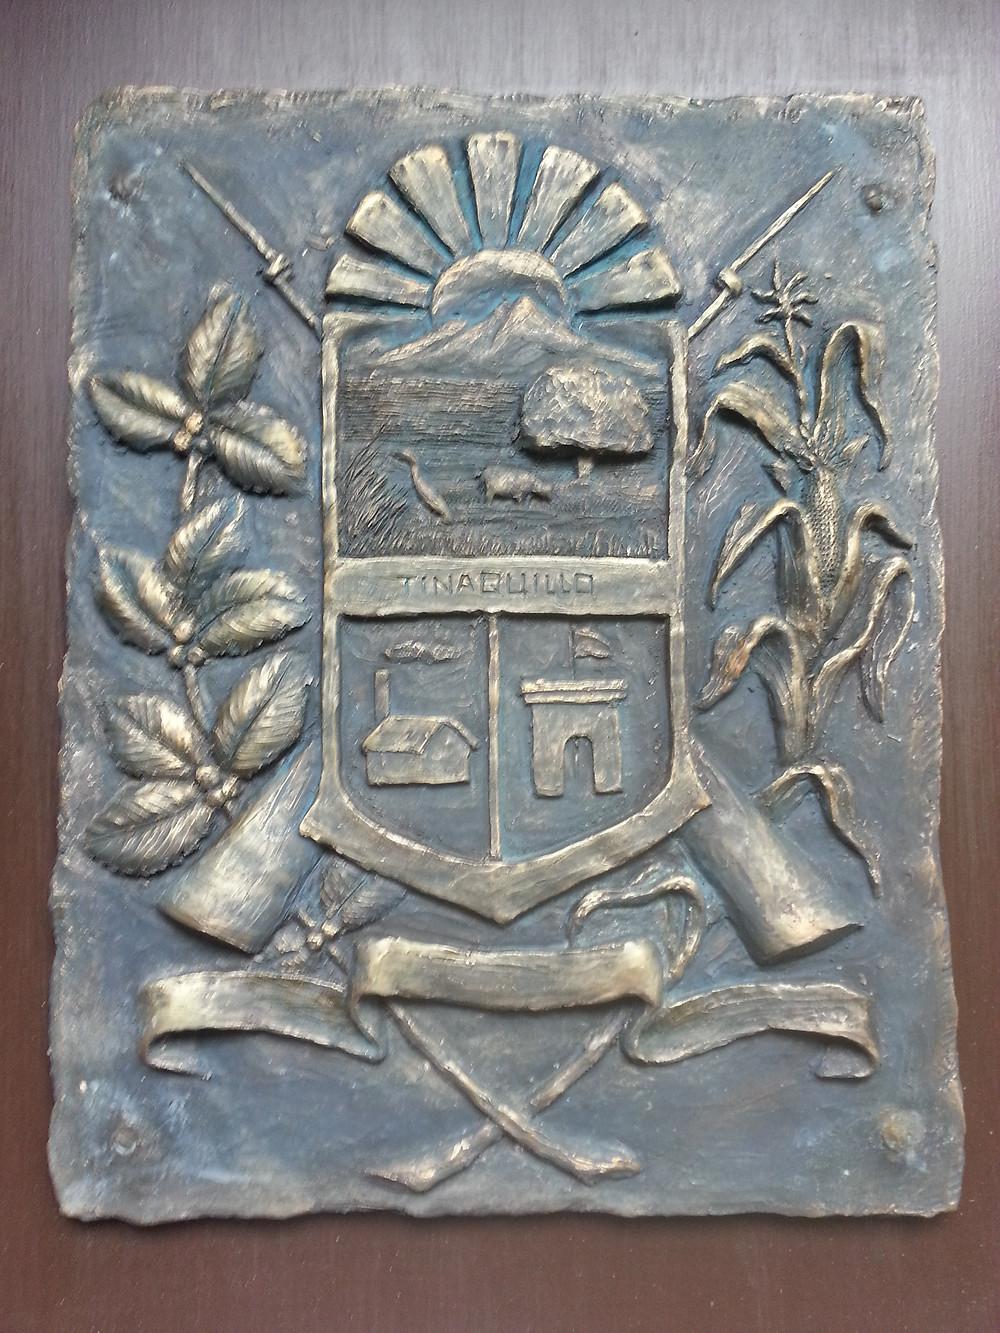 Escudo en alto relieve. Donada para Museo de Arte de Tinaquillo. 2016